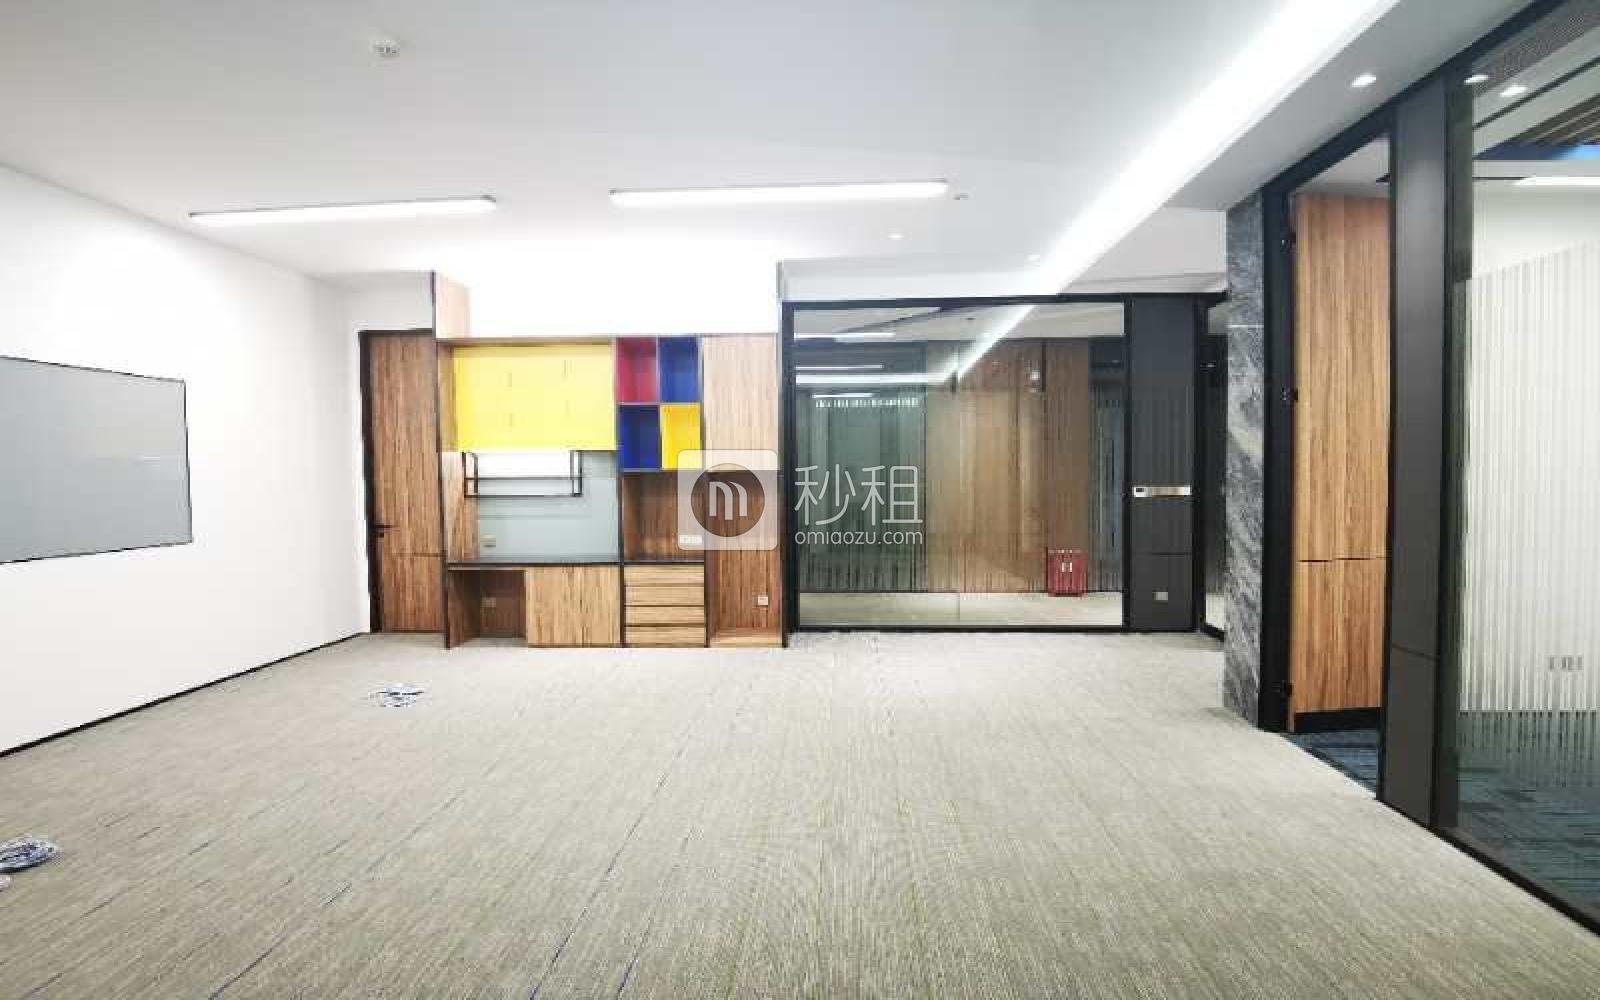 龙岗-坂田 神舟电脑大厦 238m²